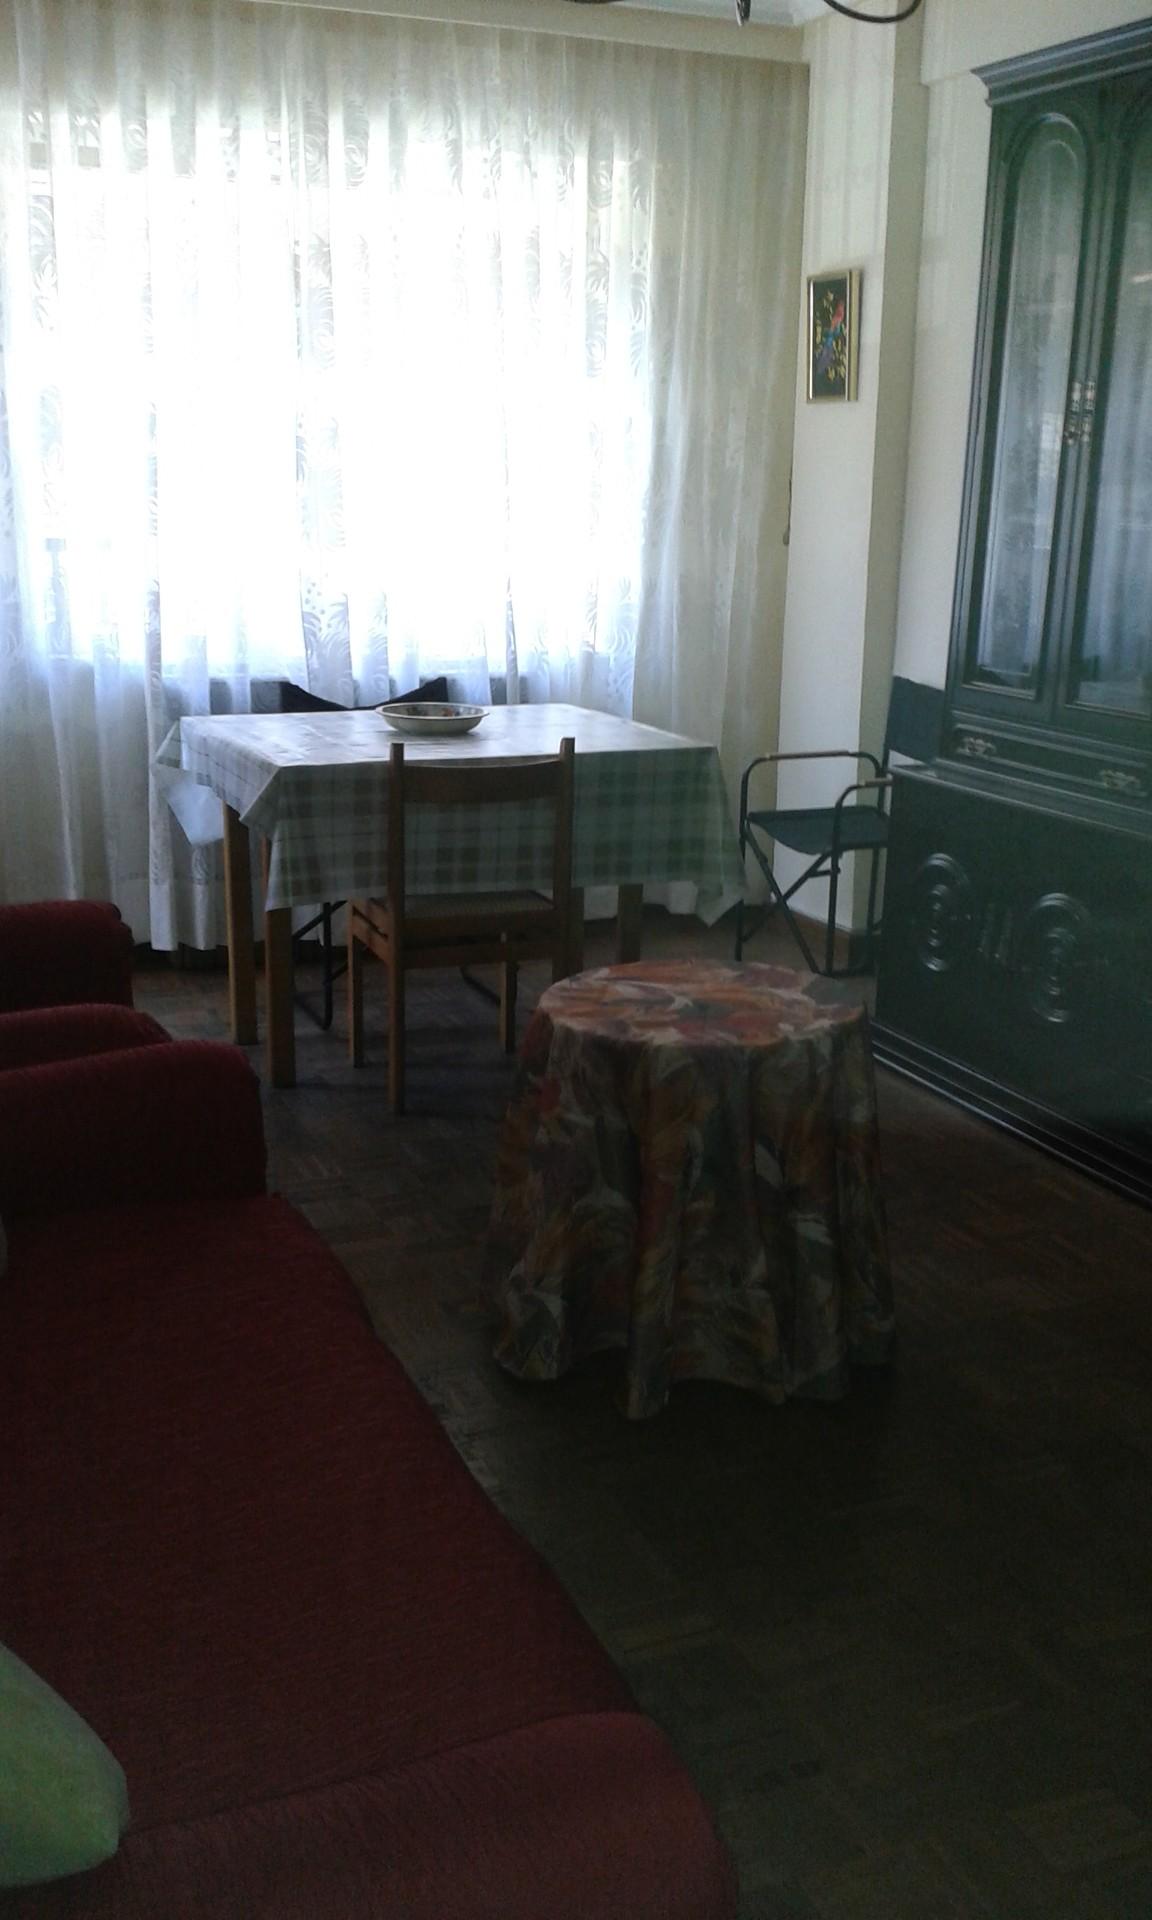 alquiler de habitaciones  Alquiler habitaciones Salamanca